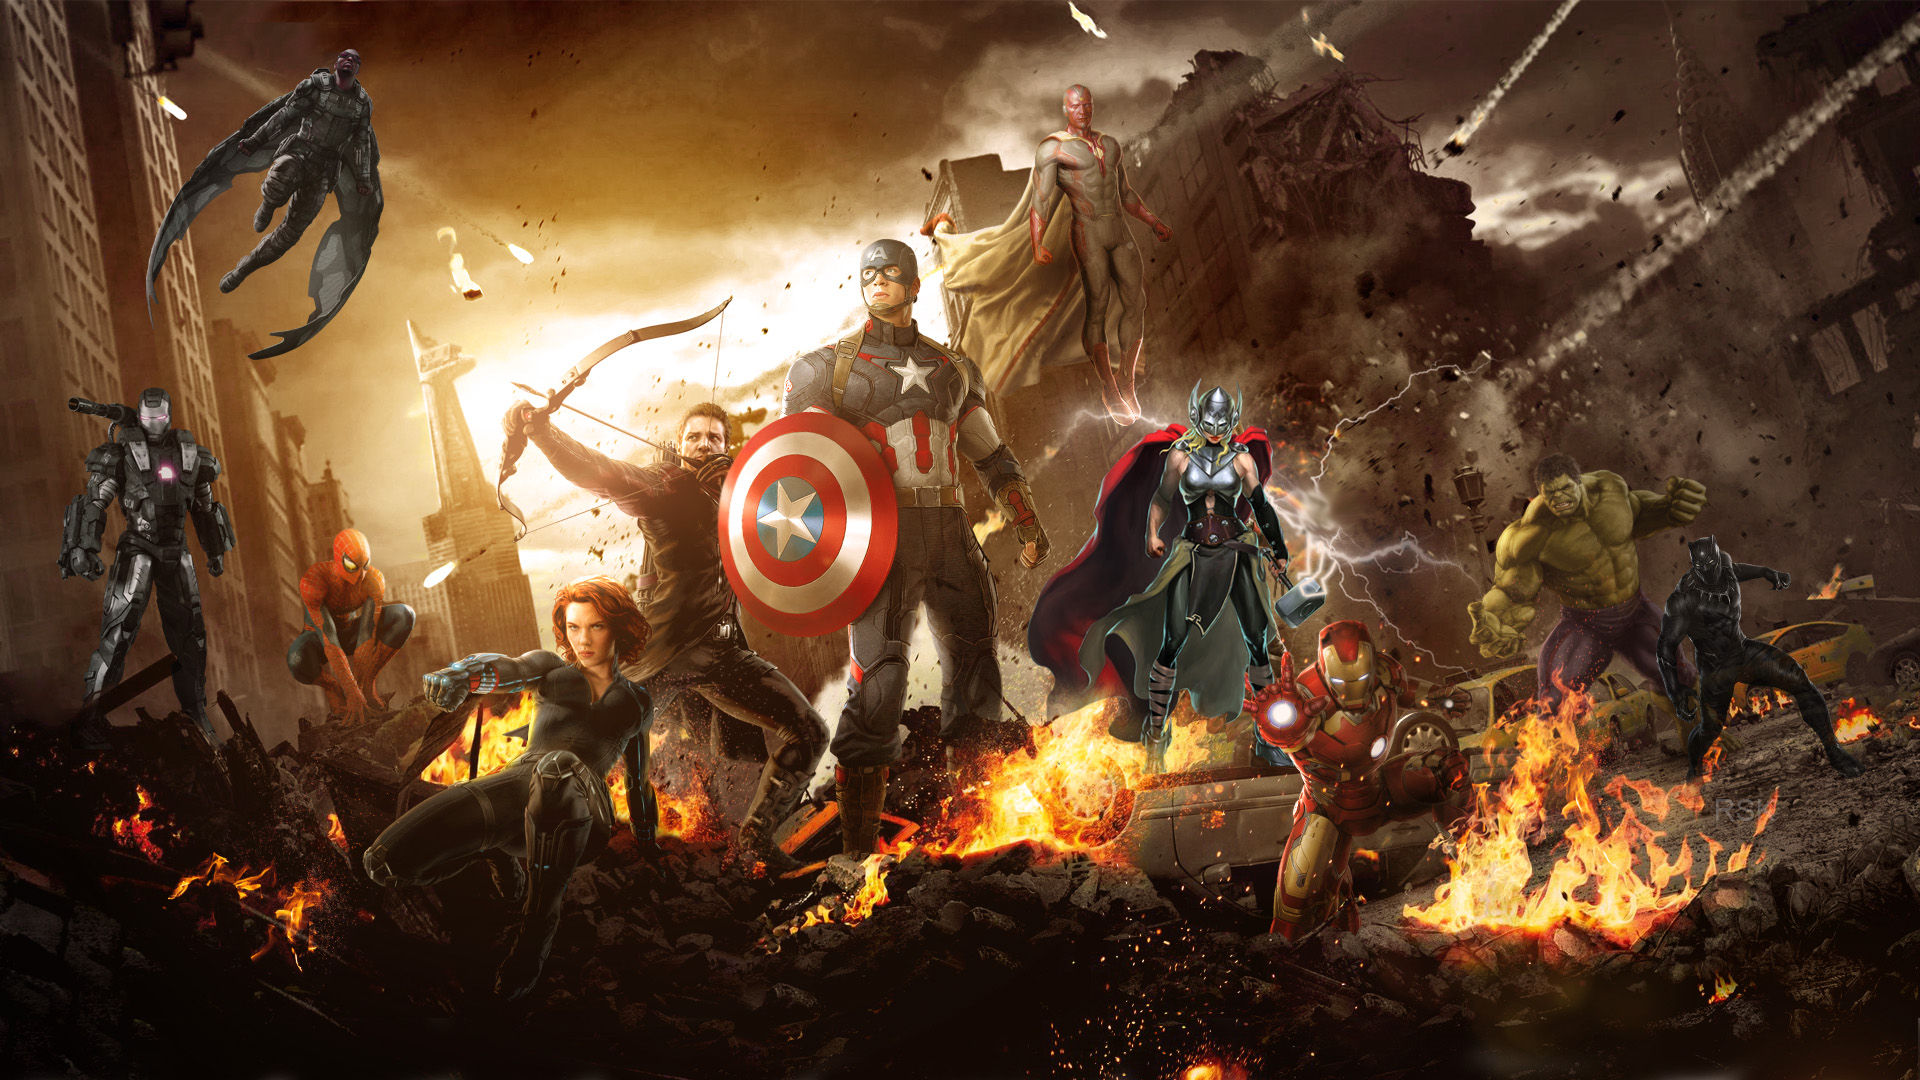 50 Civil War Captain America Wallpaper On Wallpapersafari